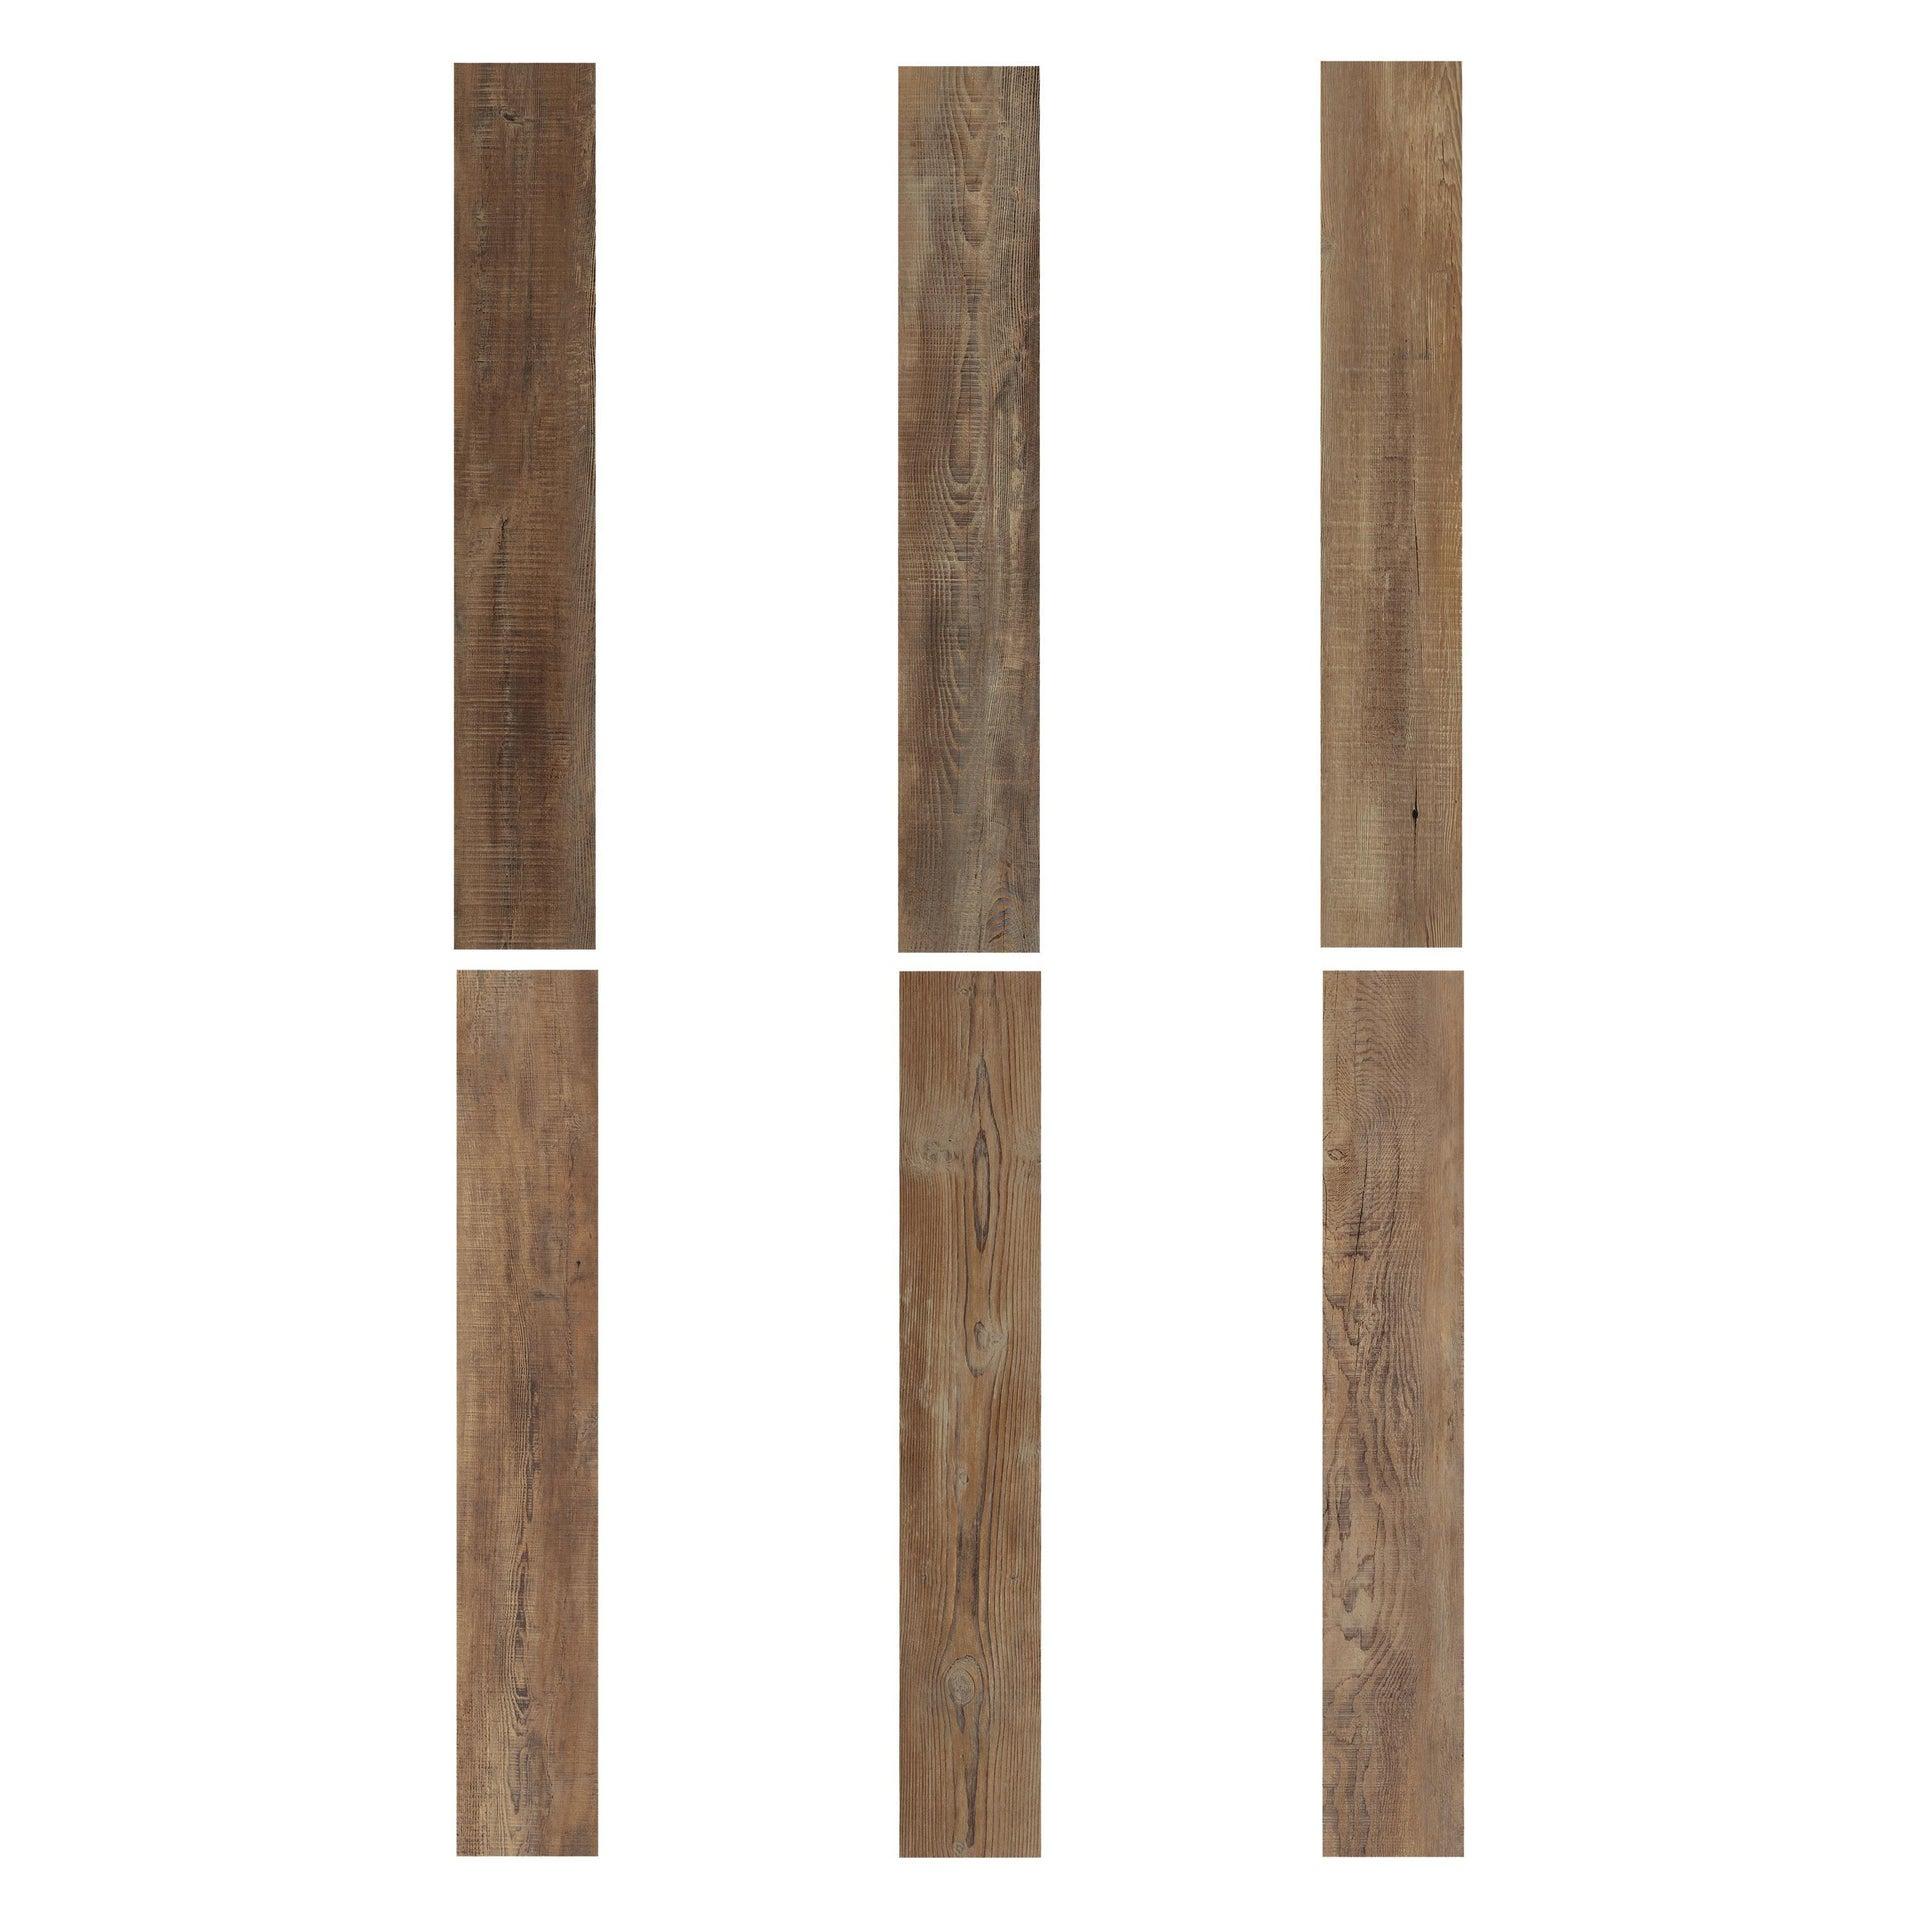 Pavimento PVC adesivo Tobacco Sp 2 mm marrone - 7